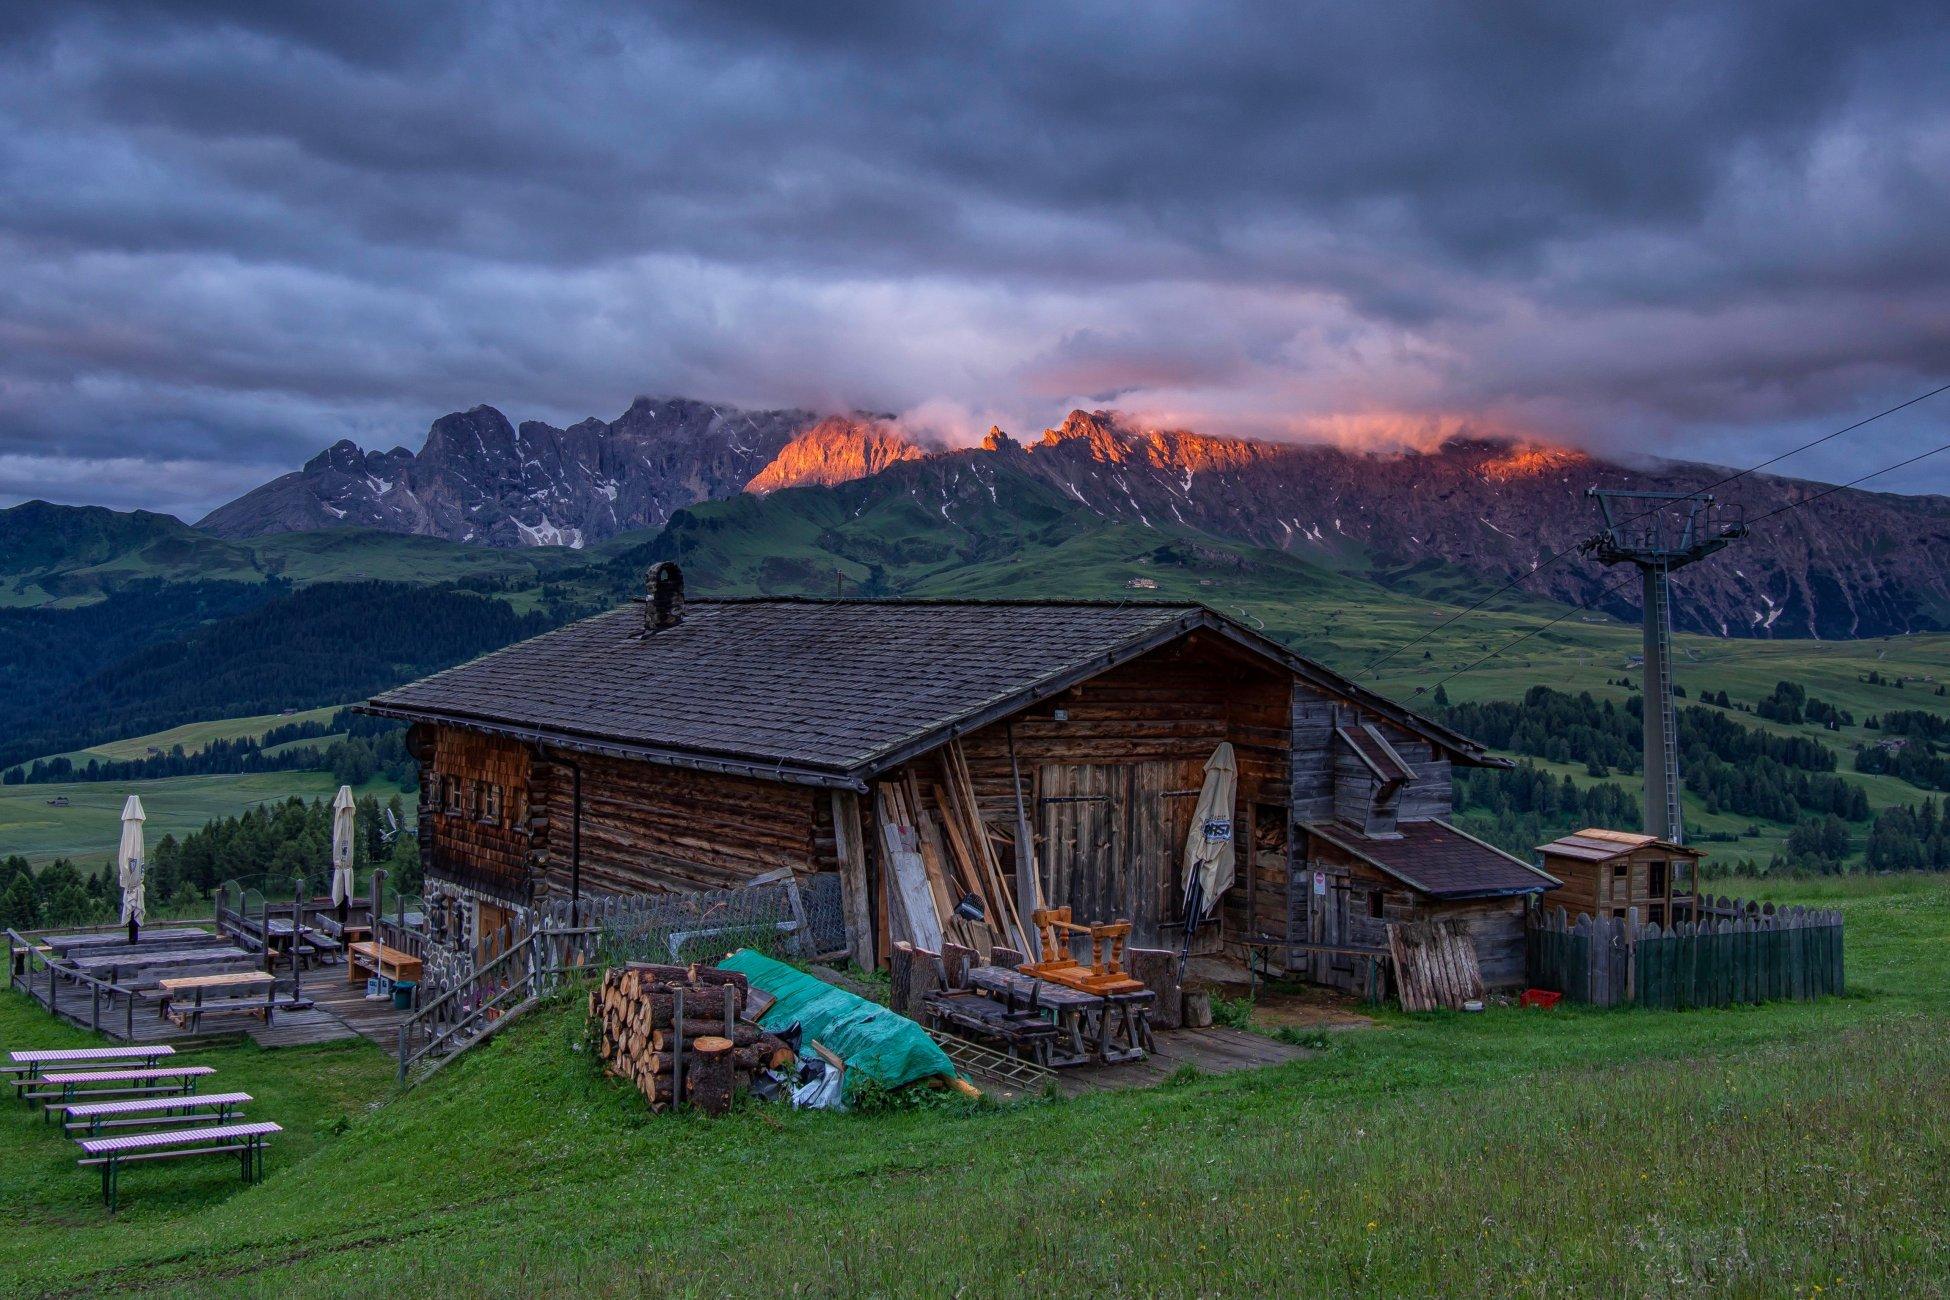 Dawn on the Alp di Siusi